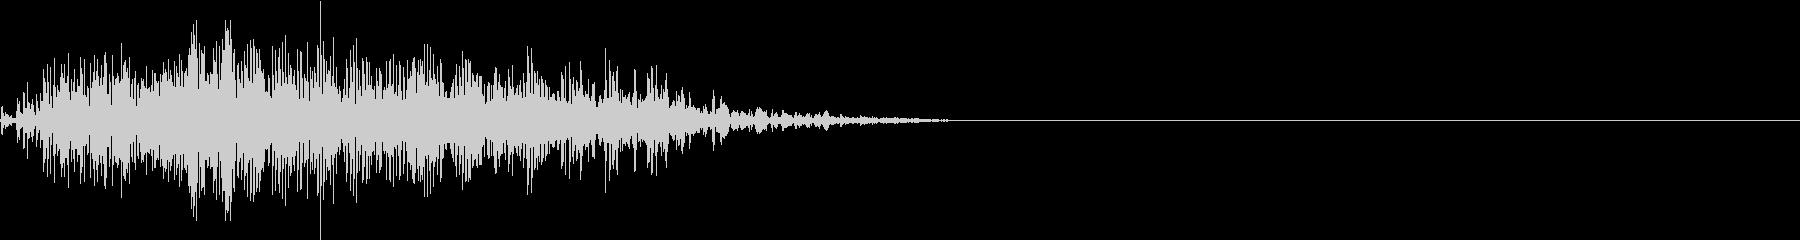 カラスの鳴き声の未再生の波形